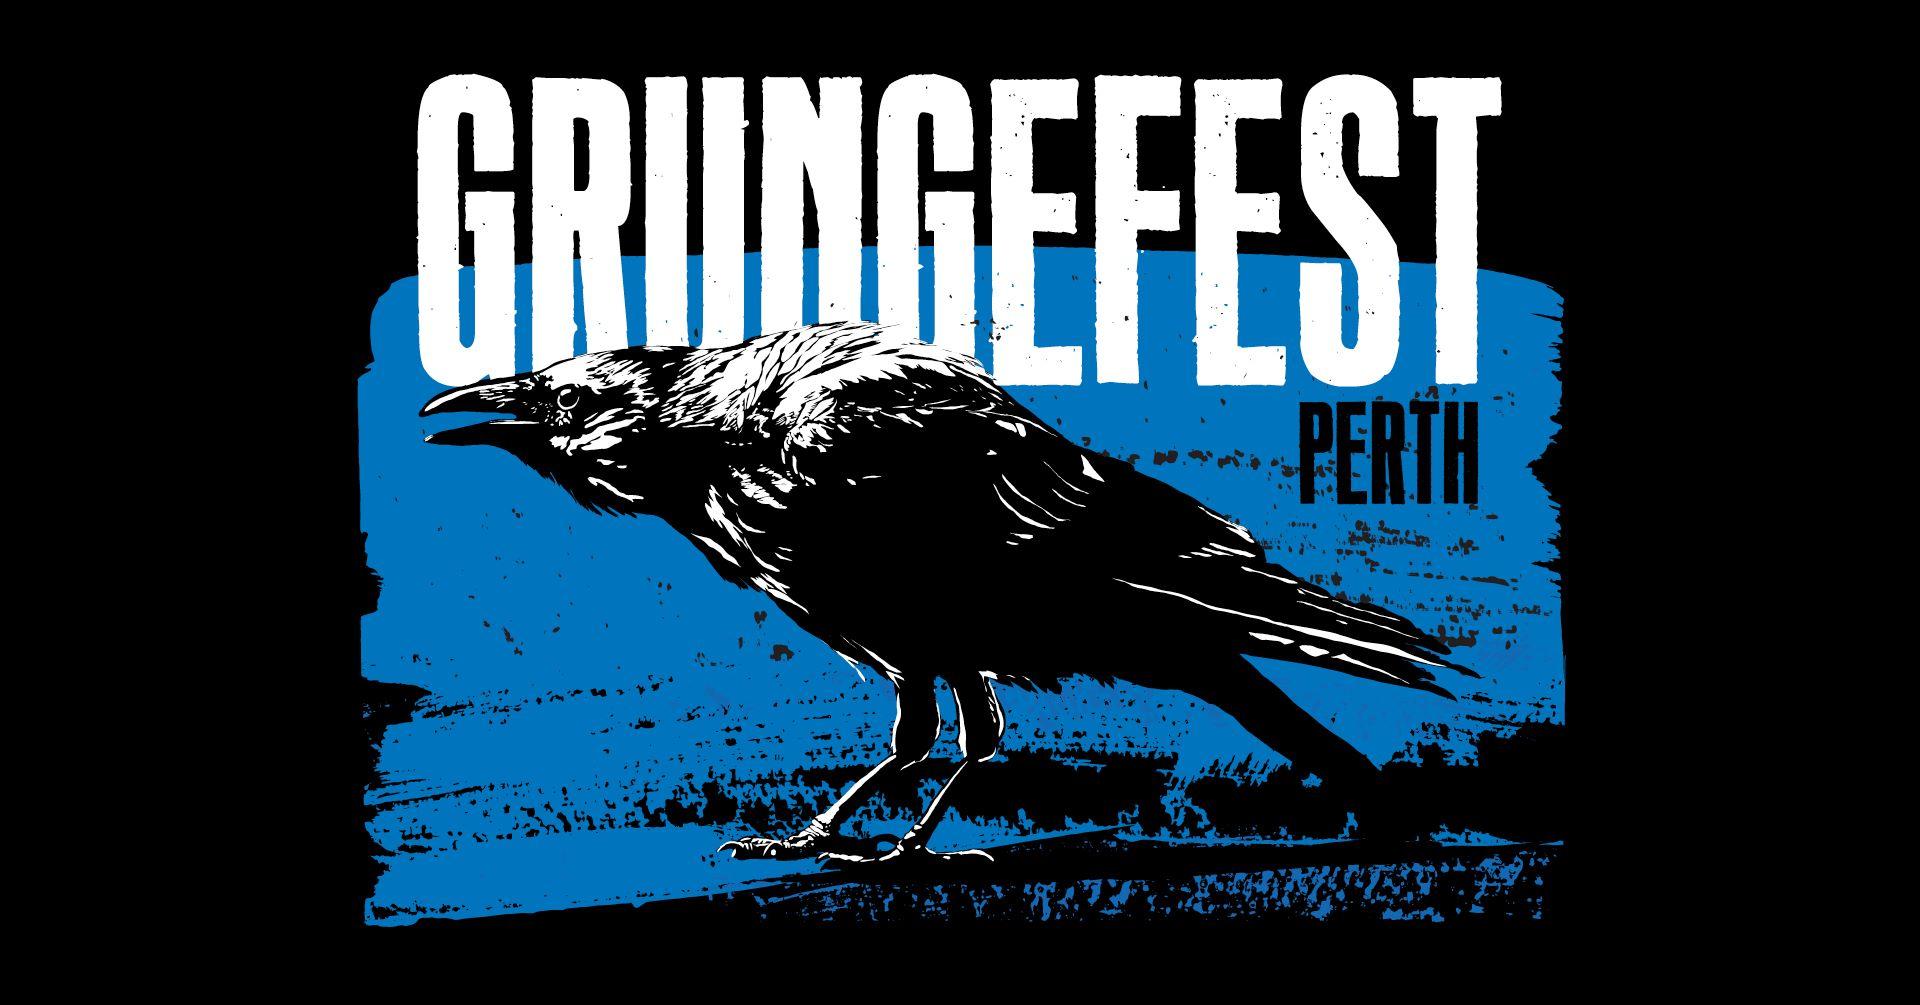 GRUNGEFEST PERTH | The 90's Alternative